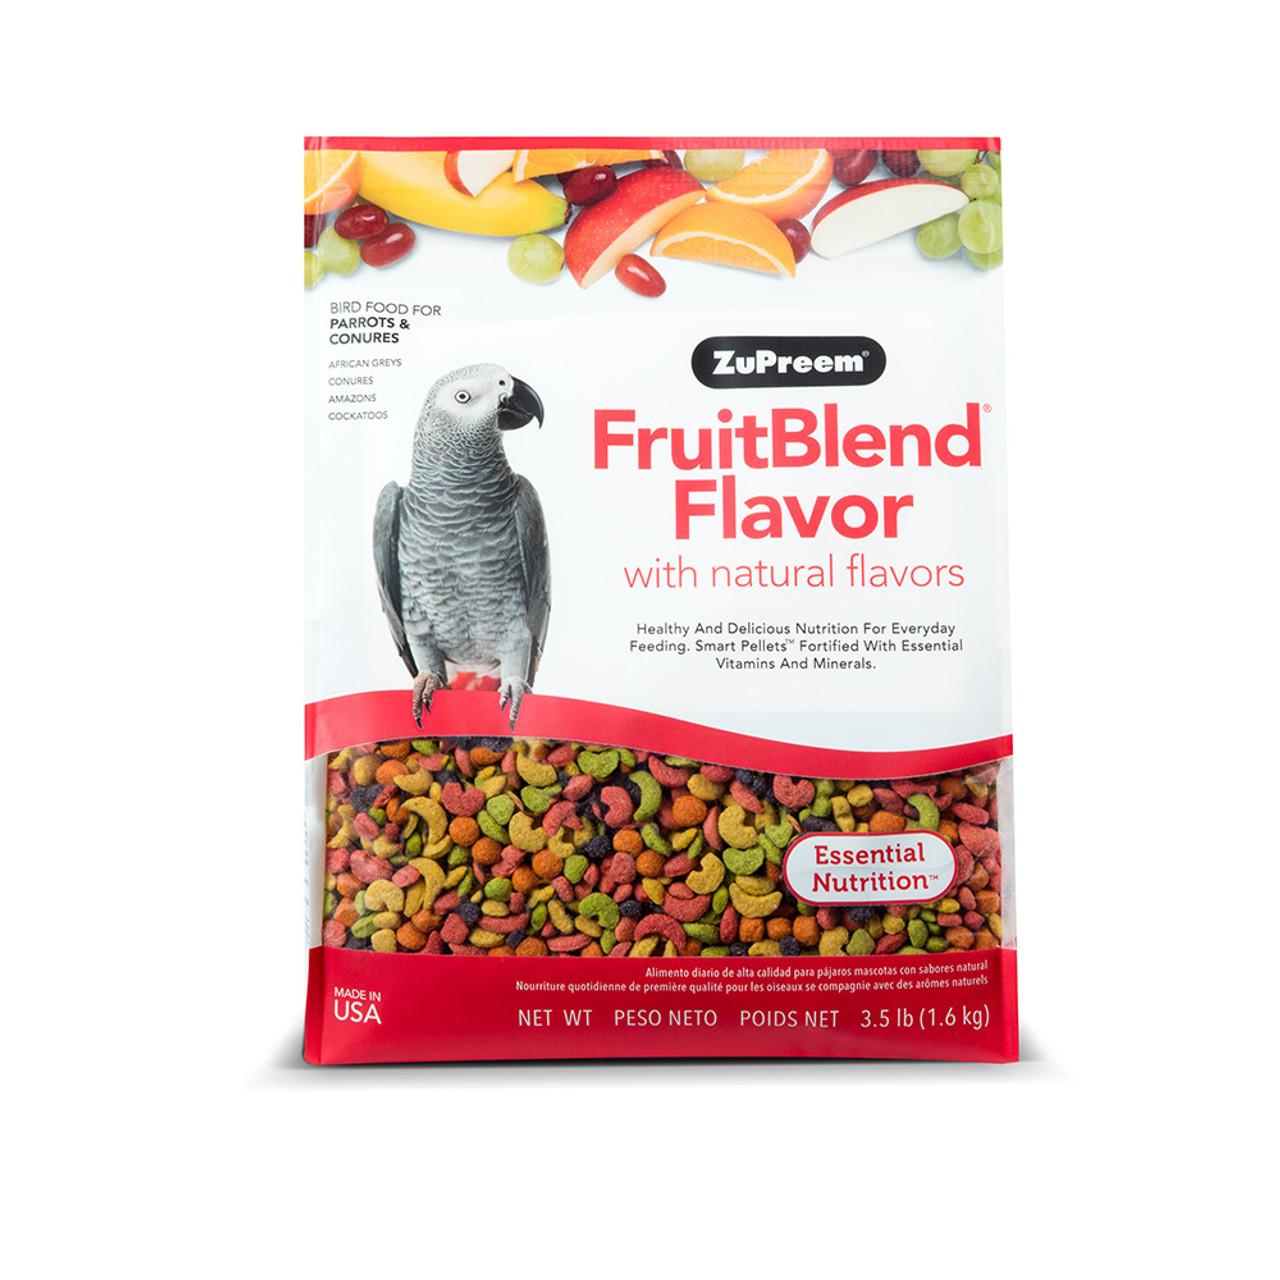 ZuPreem FruitBlend Flavor Parrot & Conure Bird Food